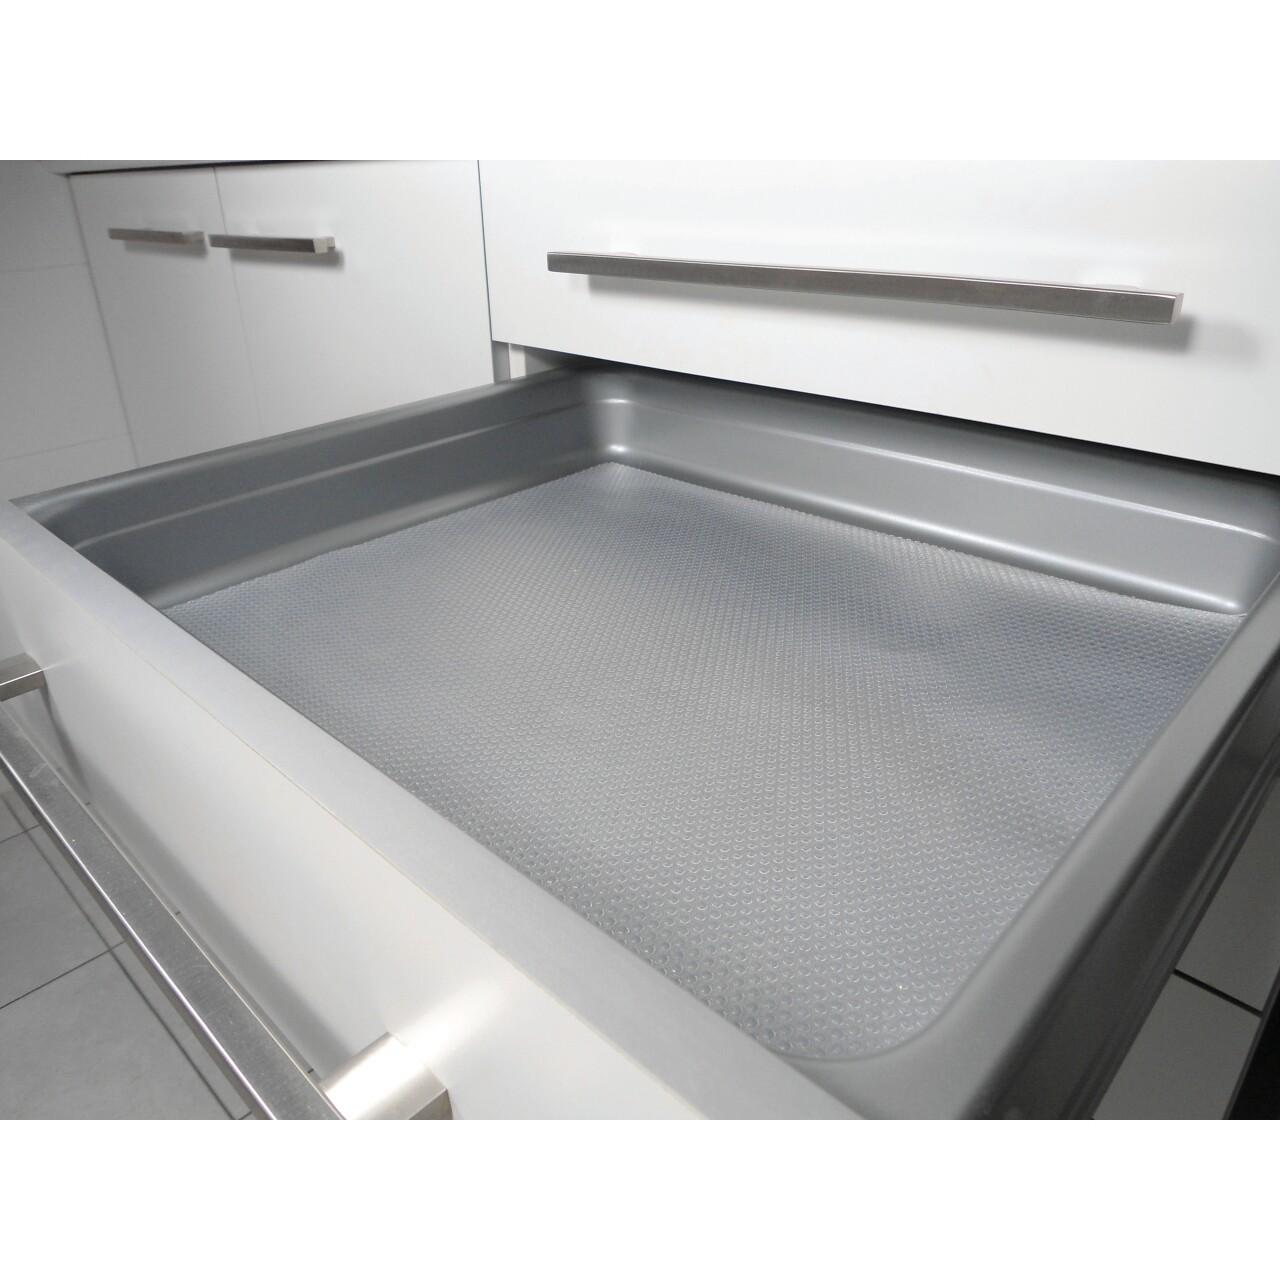 Folie de protectie pentru sertar/dulap, Jocca, 150x50 cm, plastic EVA